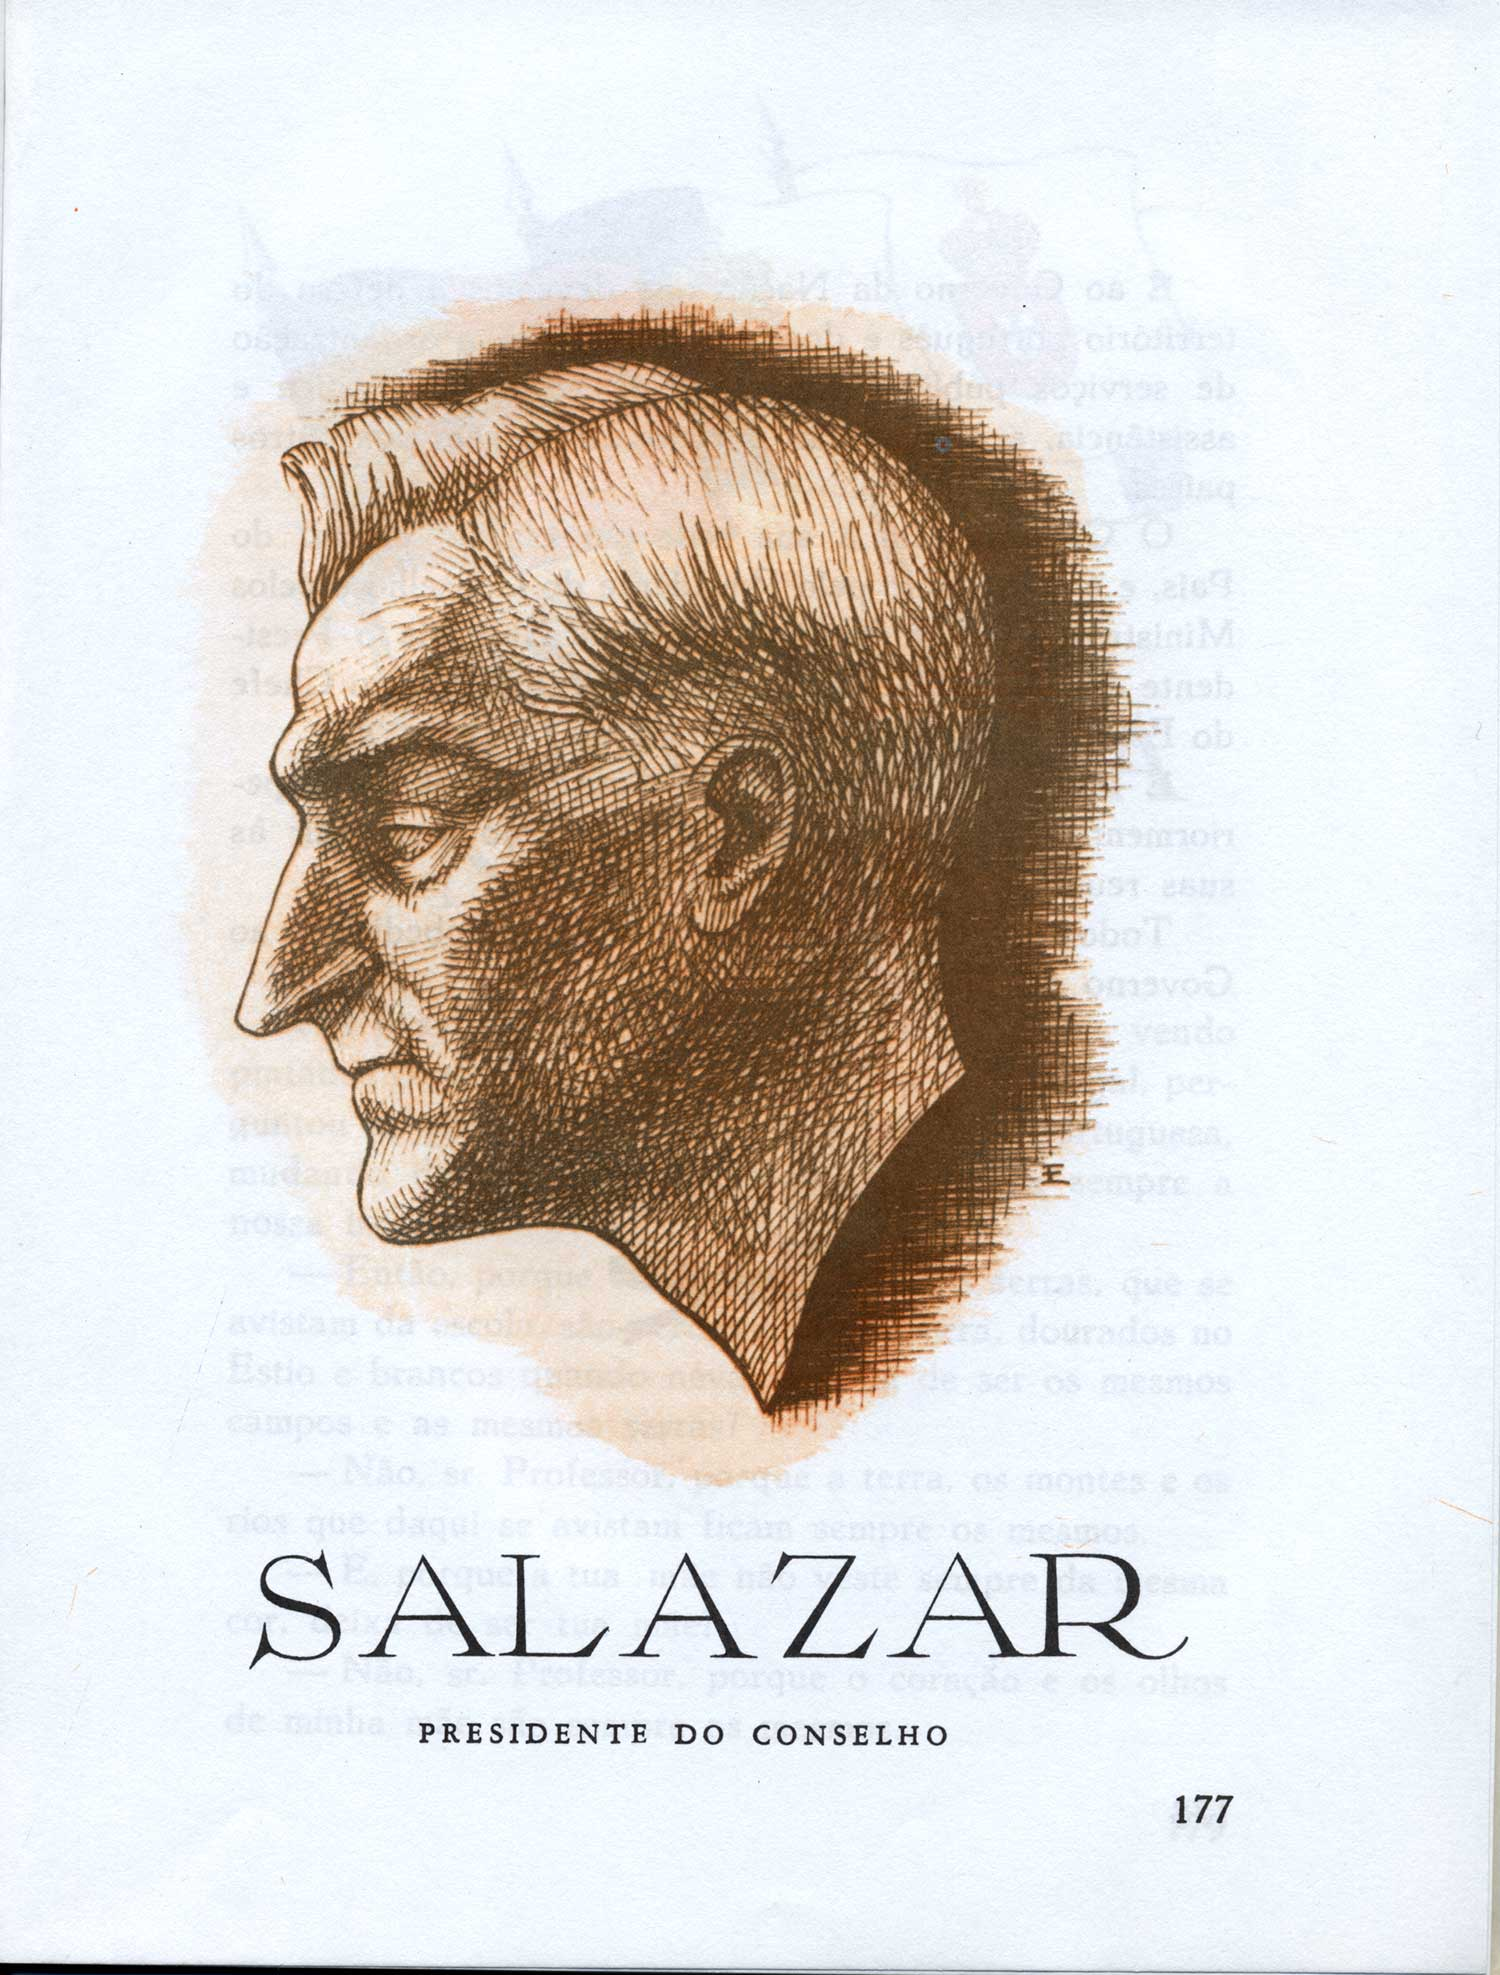 """""""Salazar: Presidente do Conselho""""  (Salazar: """"President of the Council"""")"""